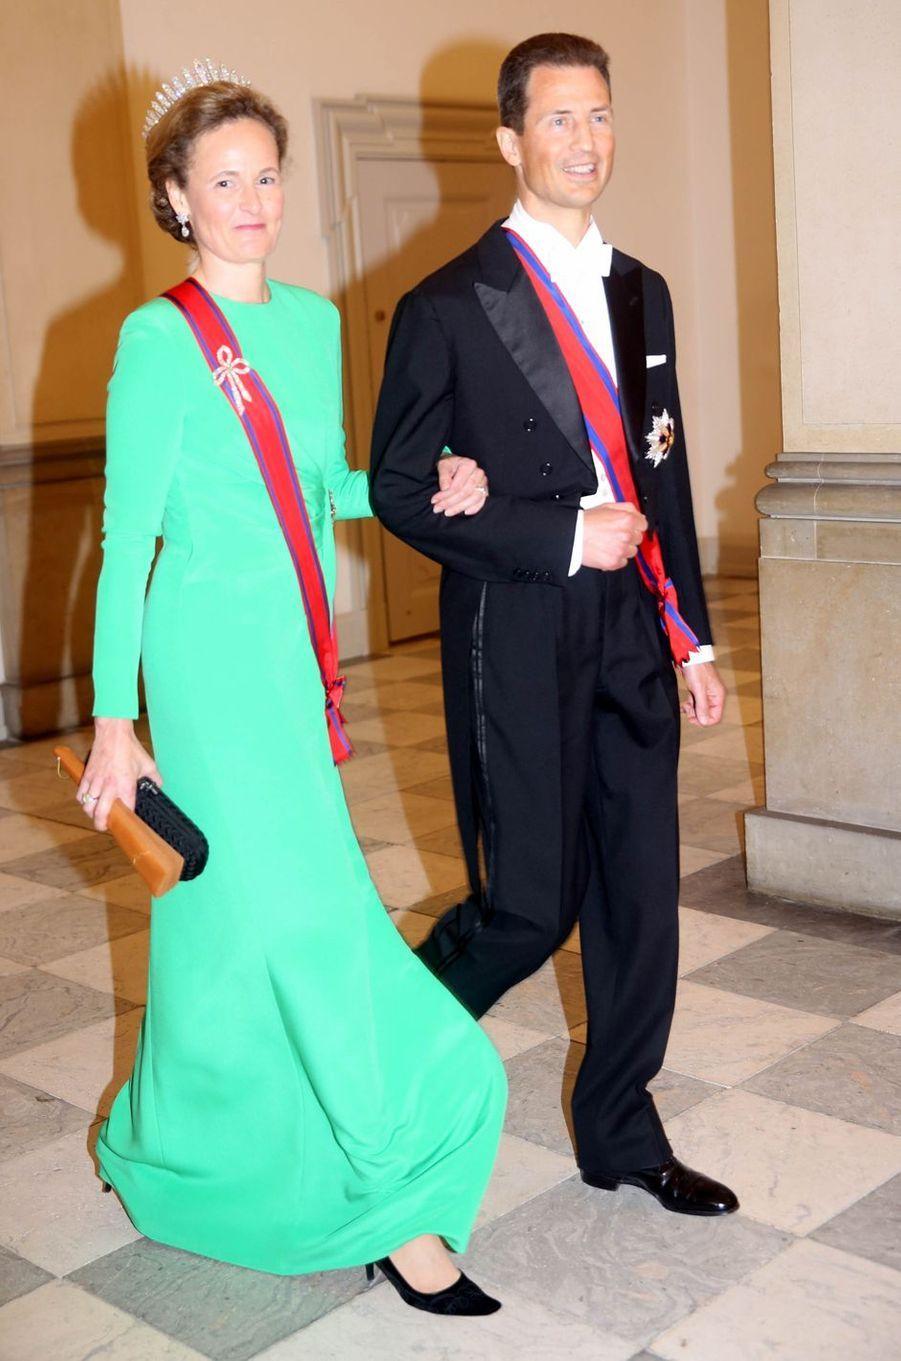 La princesse Sophie et le prince Alois de Liechtenstein à Copenhague, le 26 mai 2018